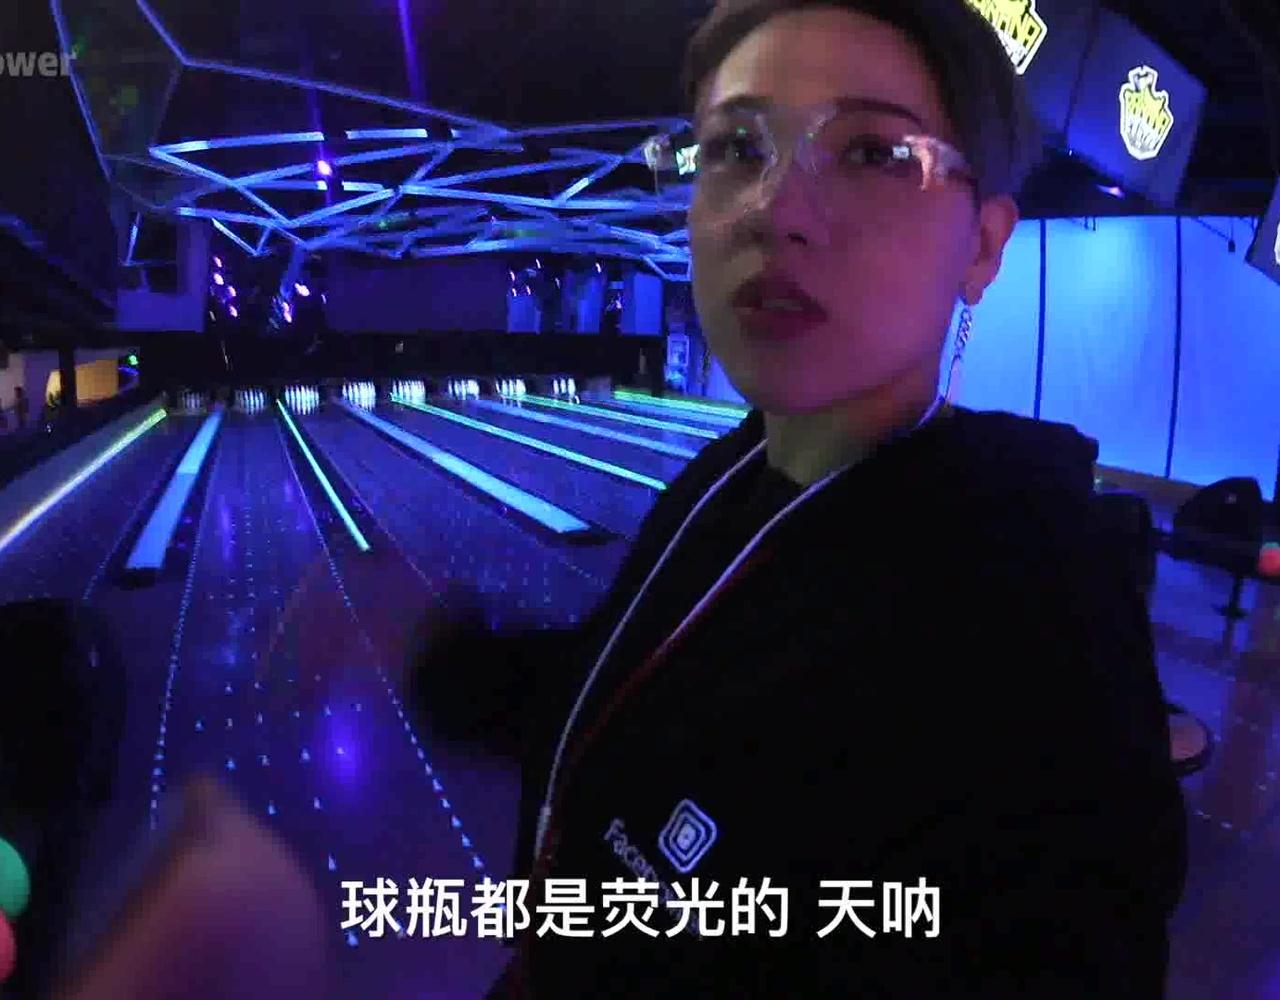 王思聪开了家京城最牛逼娱乐馆!娃娃机里都是几万元的限量Dior娃娃!